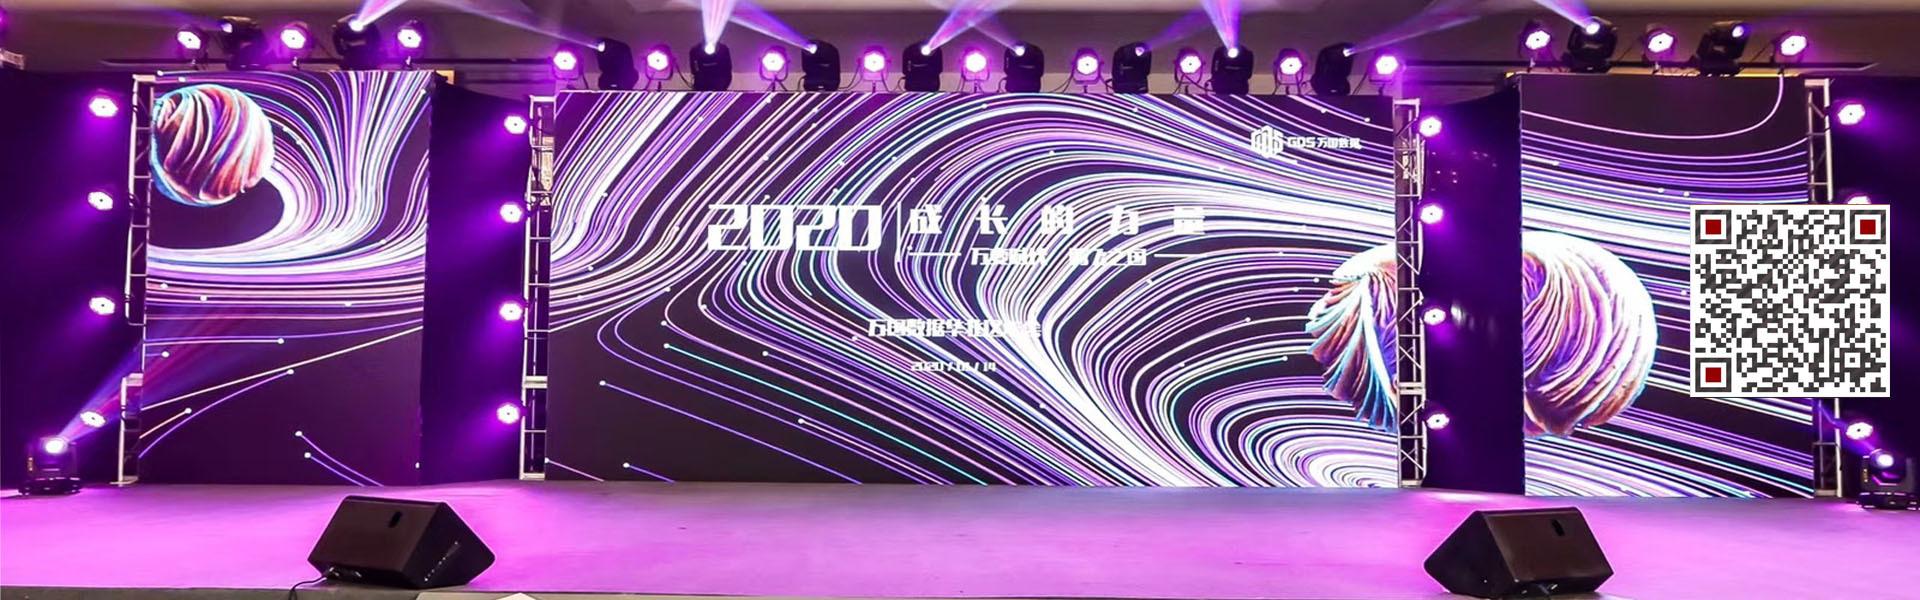 北京舞臺搭建 北京慶典演出 北京活動策劃公司 北京演出服務